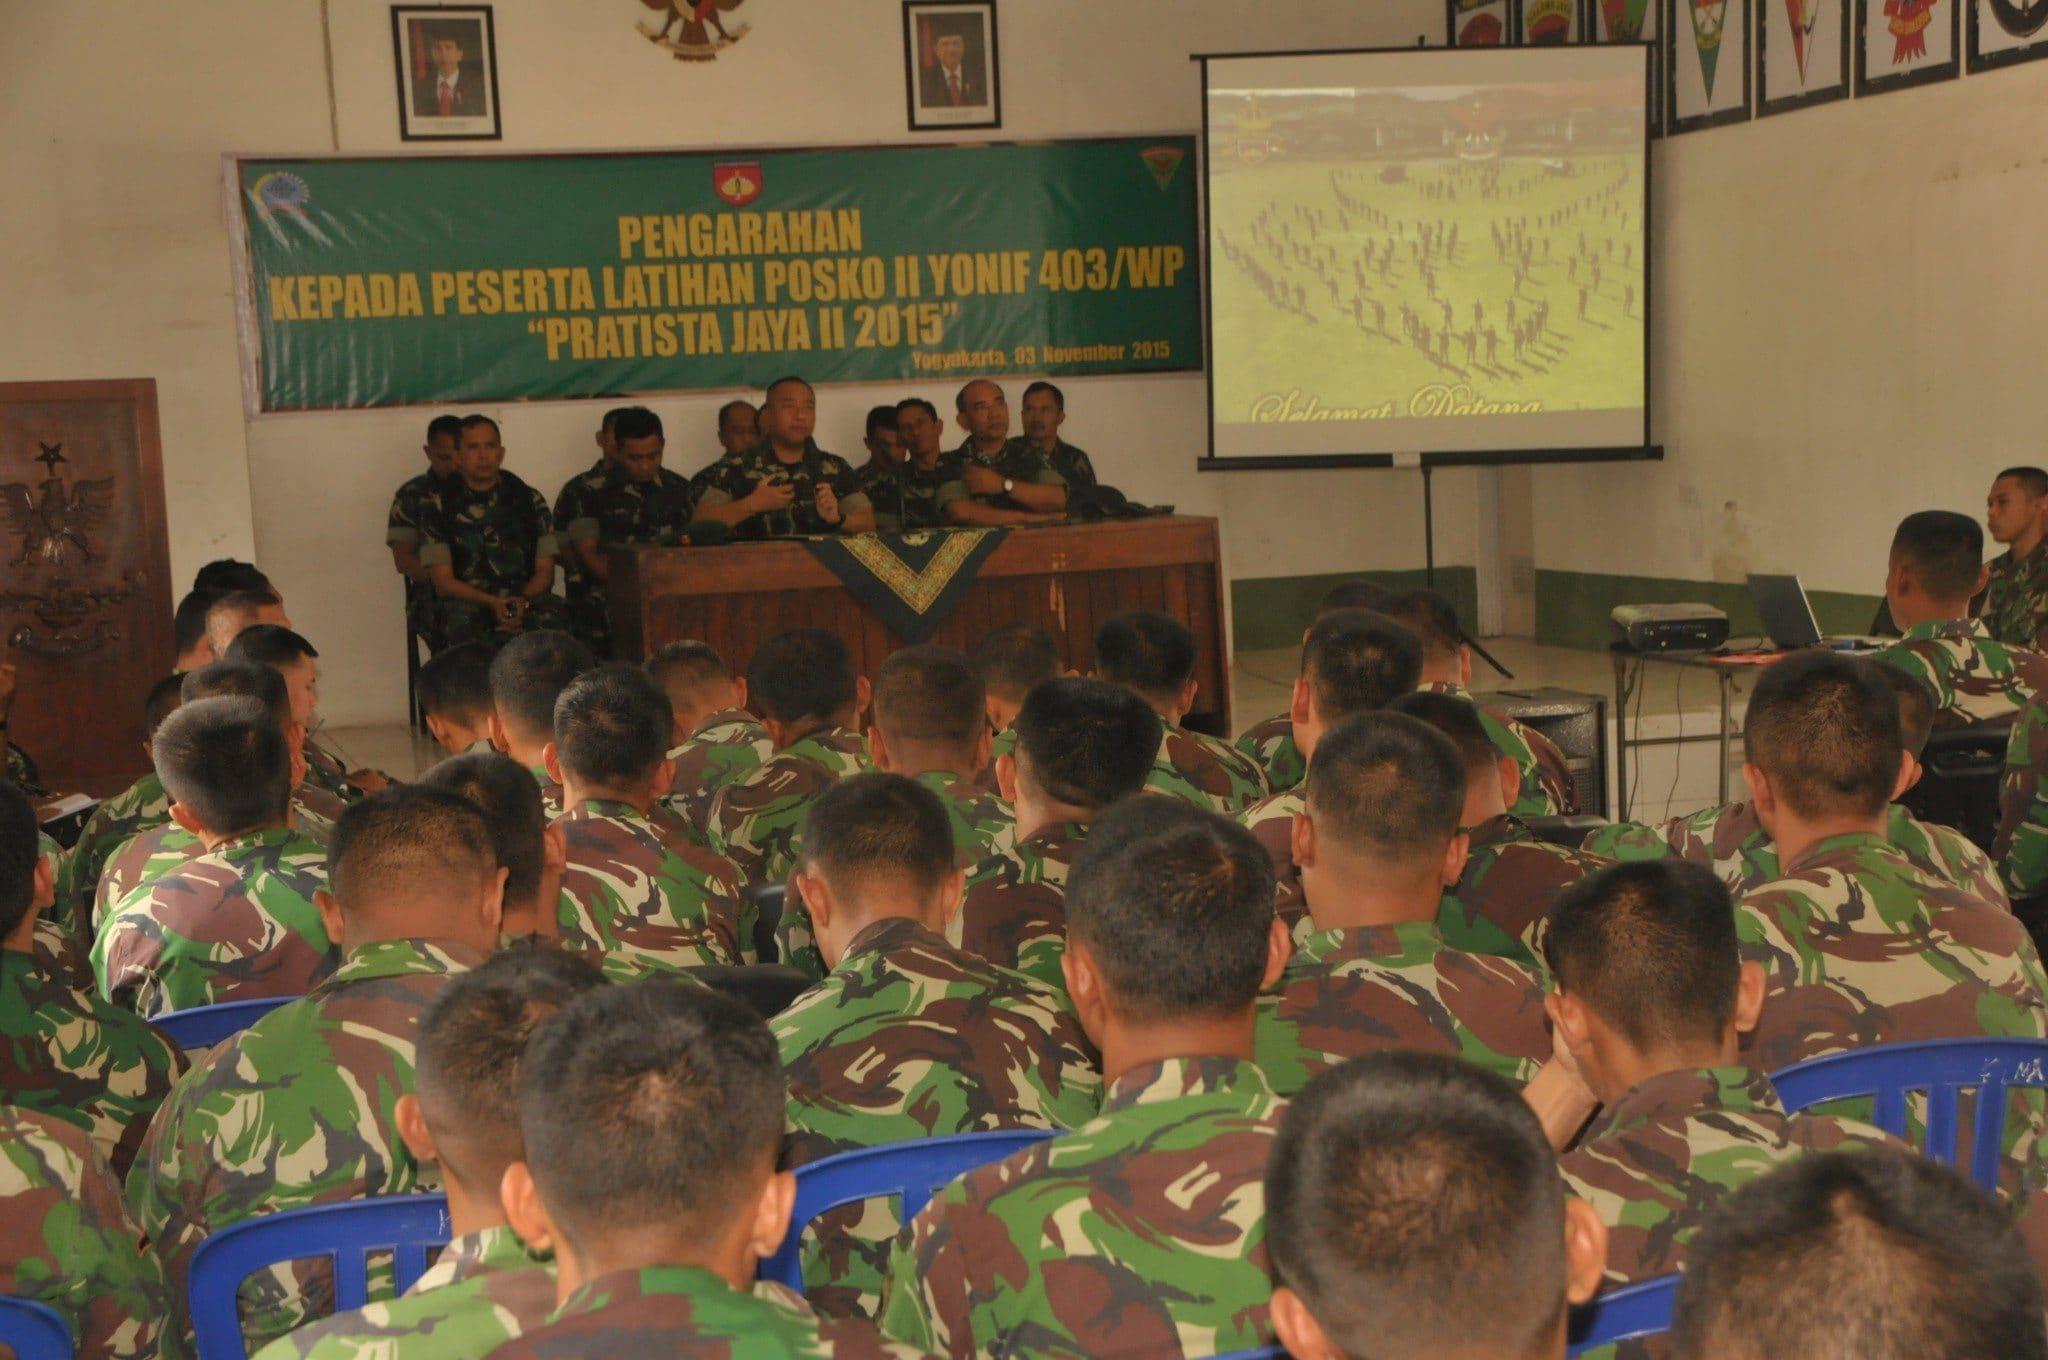 Prajurit 403/WP Latihan Posko II